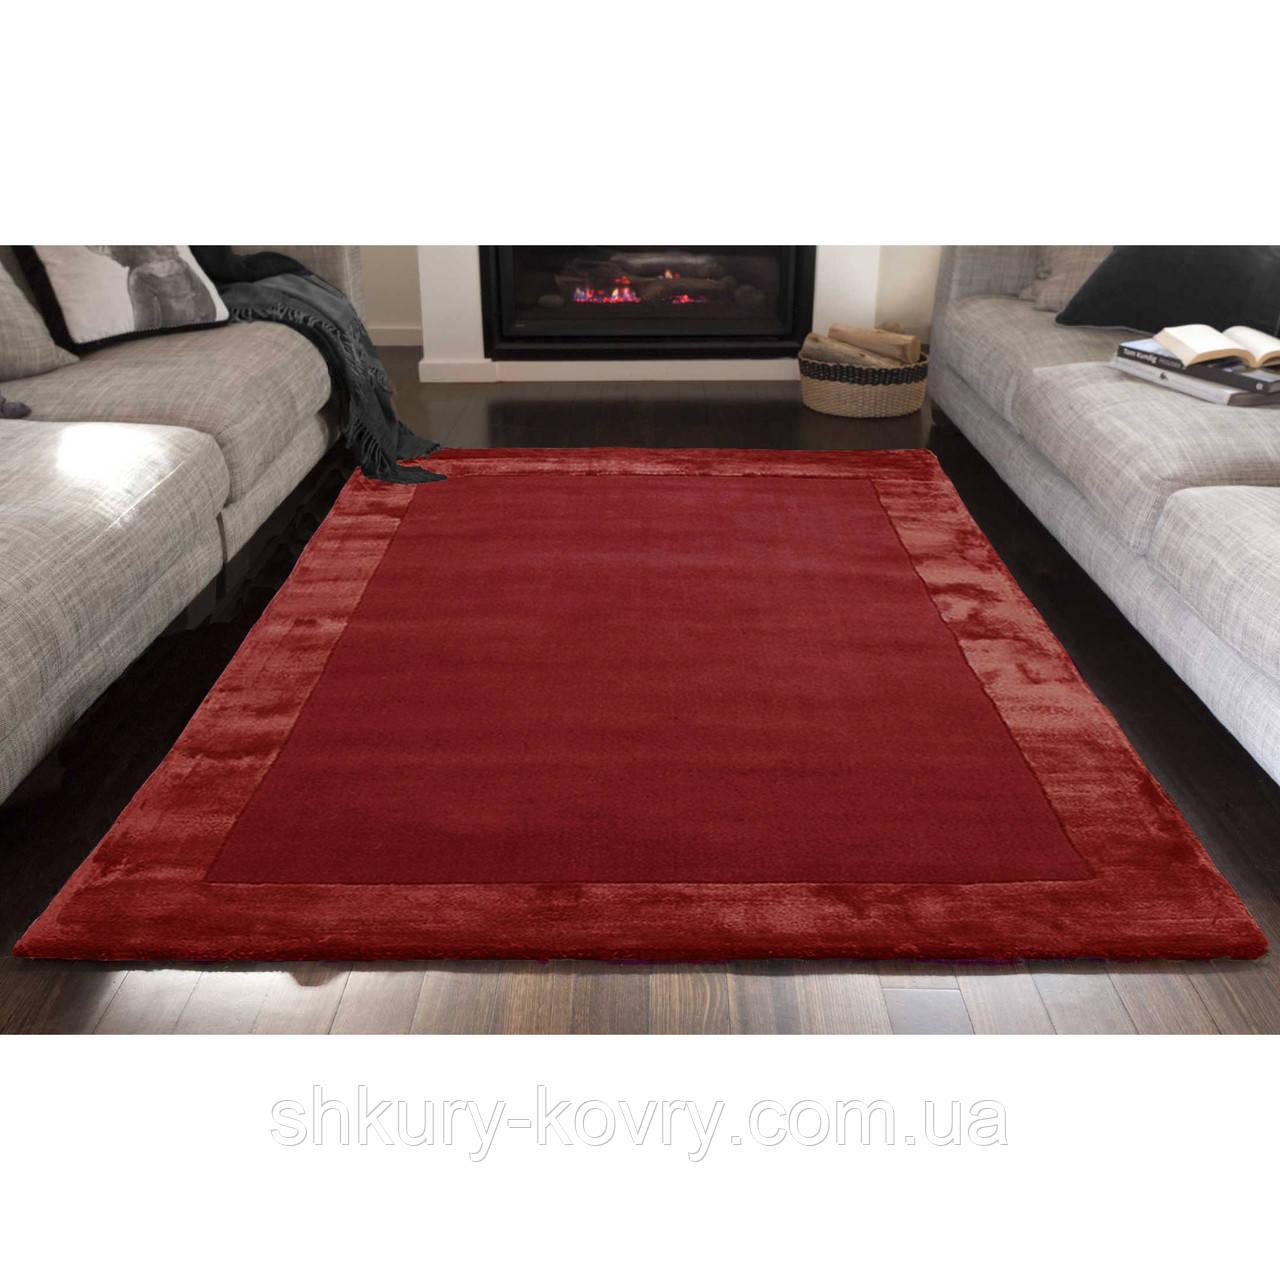 Комбіновані килими з вовни, віскози яскраво червоного кольору